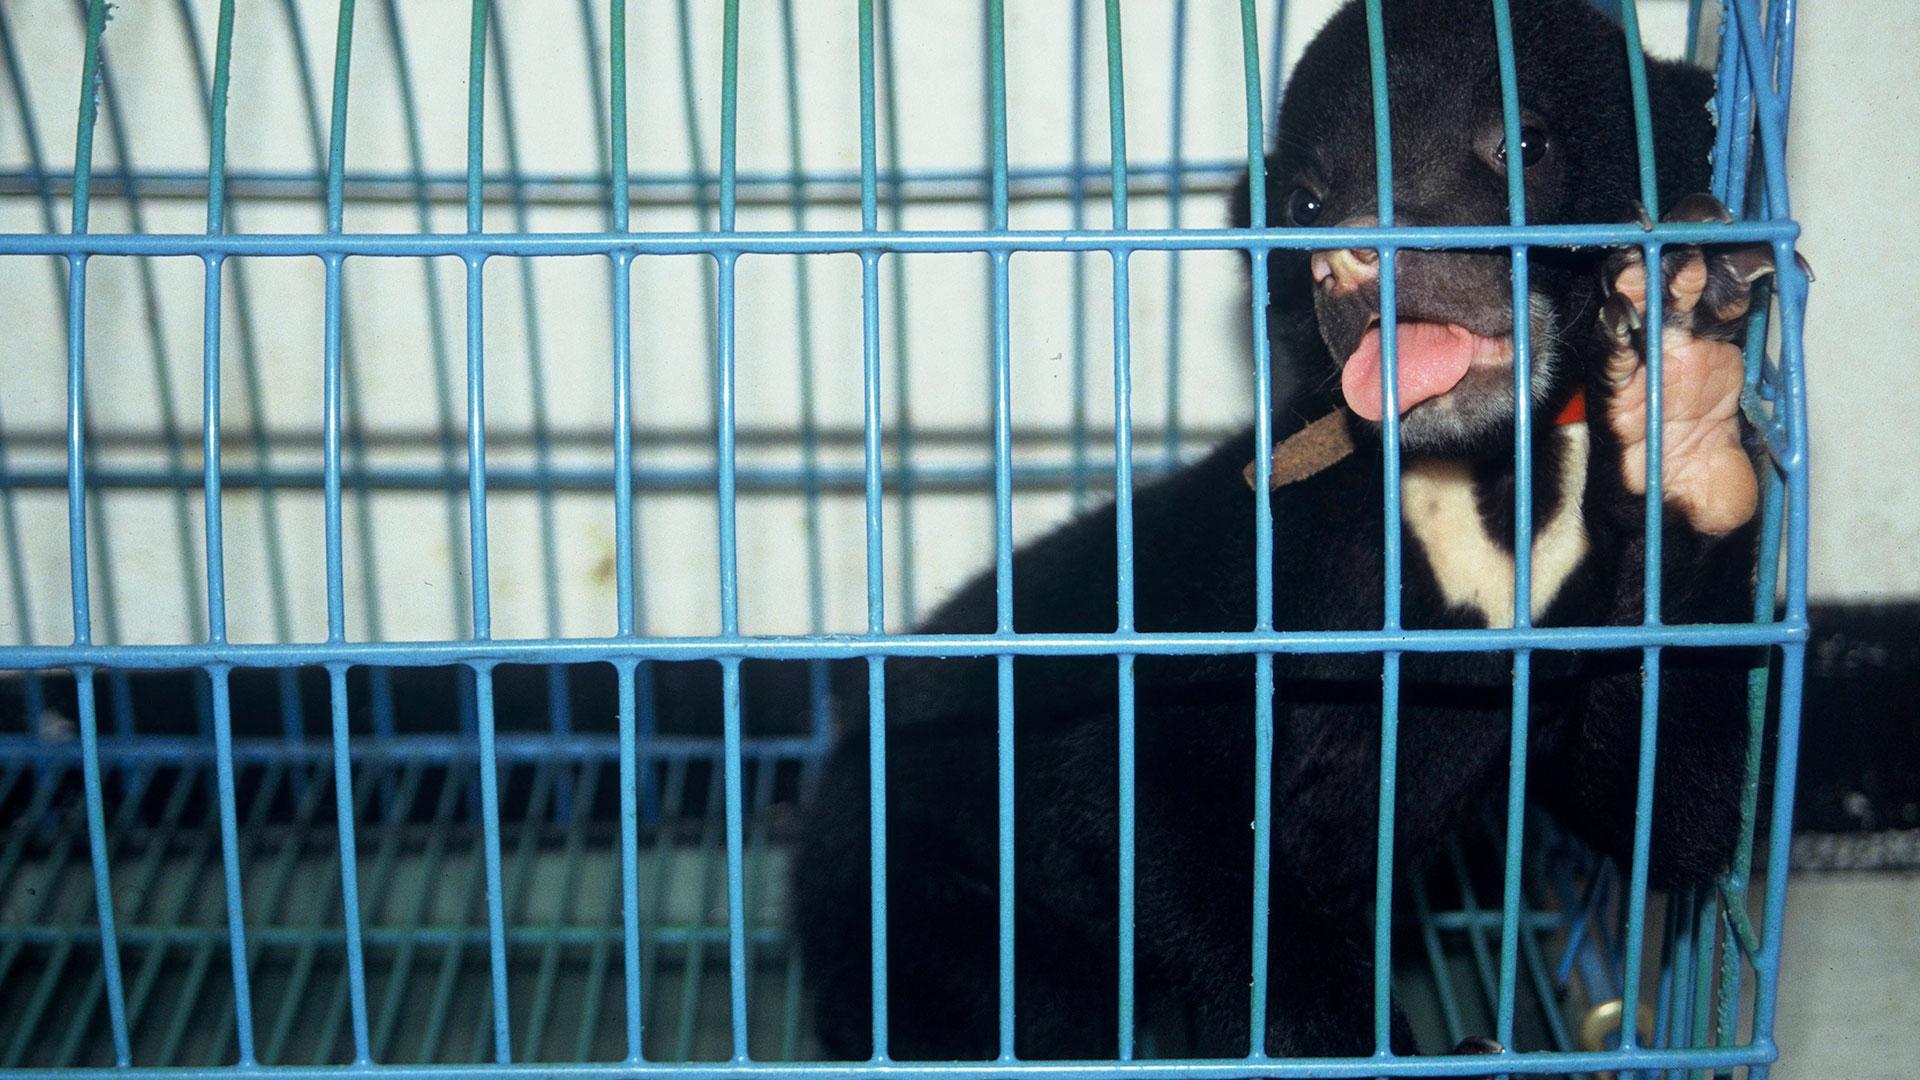 Verbot wildtierhandel Corona: Malaienbär im Käfig